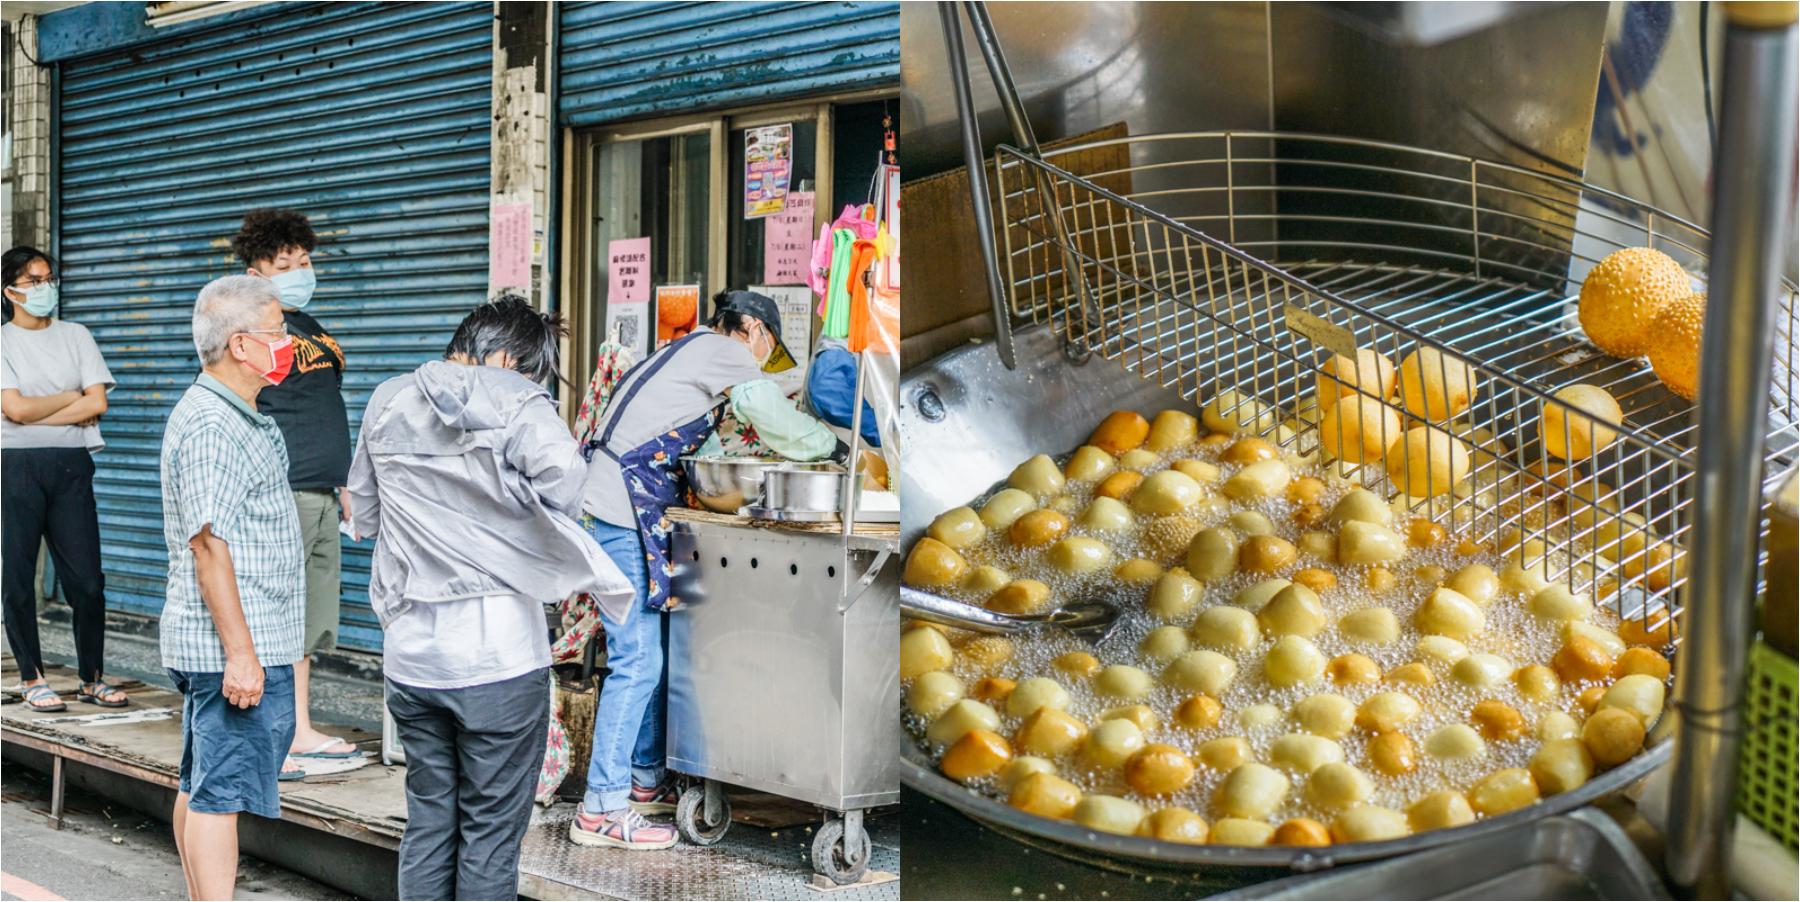 新莊地瓜球|一顆只要2.5元的手工QQ地瓜球,在地飄香26的排隊小吃『新莊QQ球』新莊排隊美食推薦 @梅格(Angelababy)享樂日記